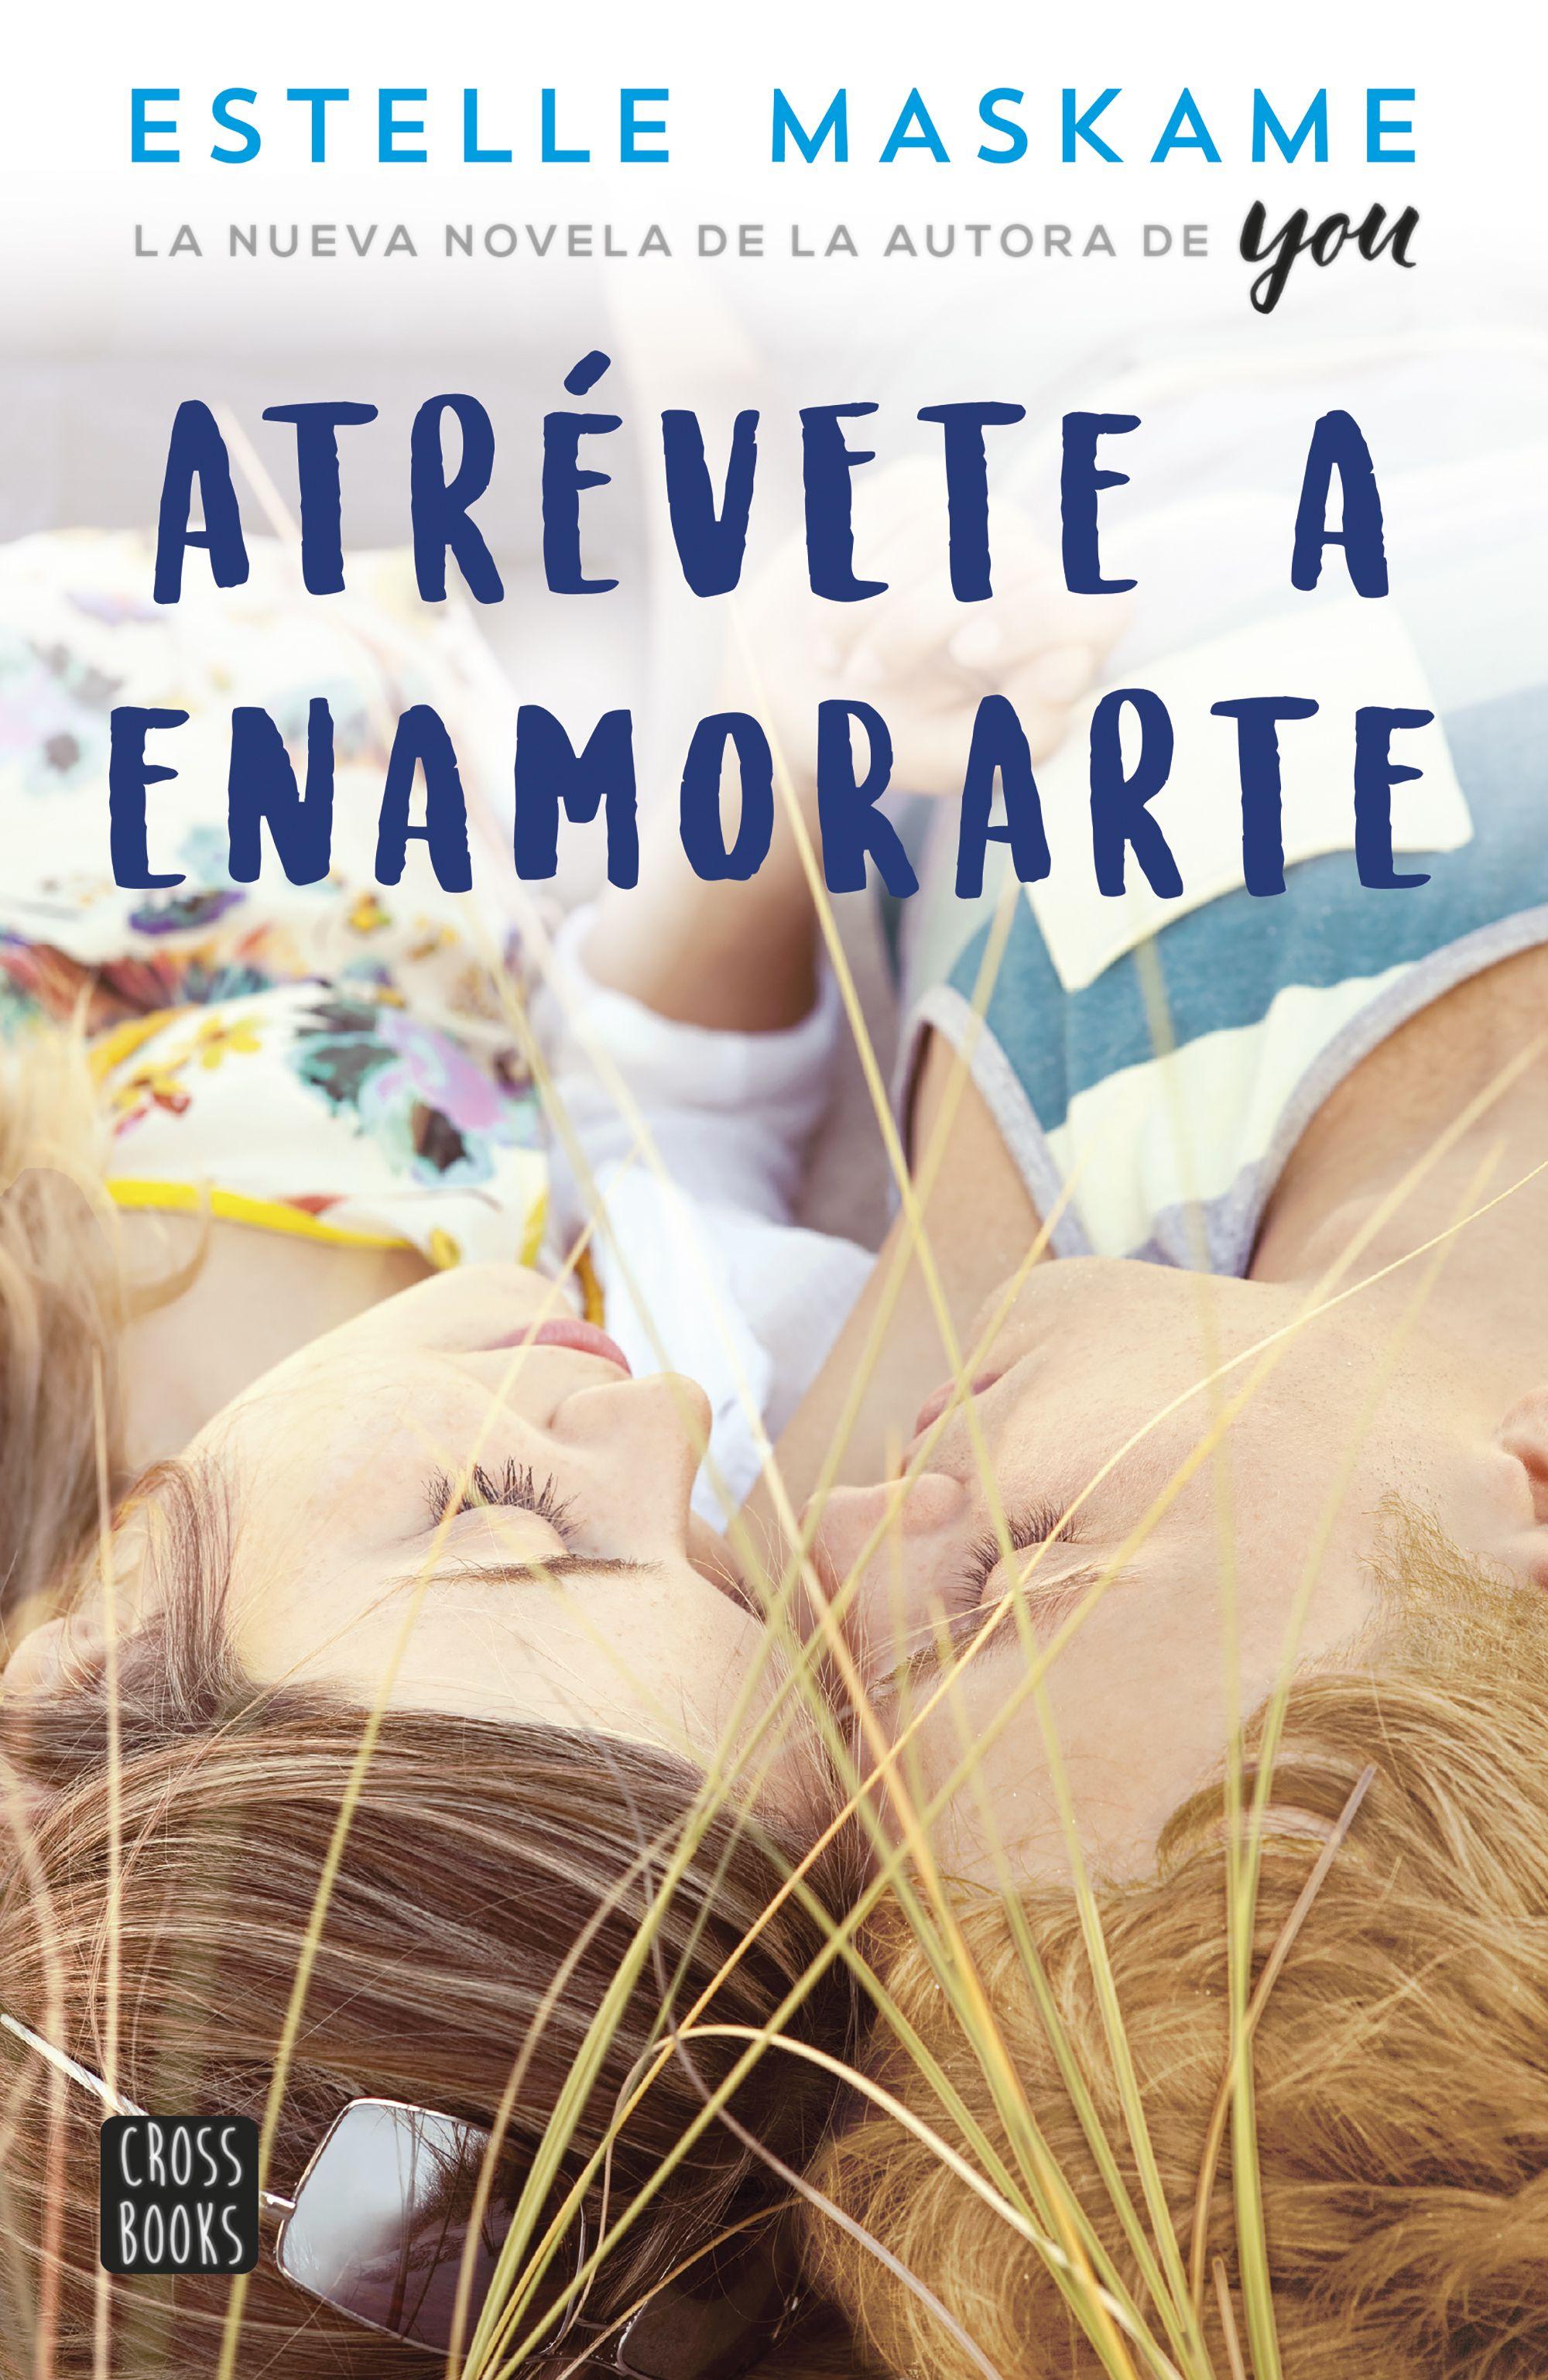 Resultado de imagen de portada de Atrévete a enamorarte, Estelle Maskame